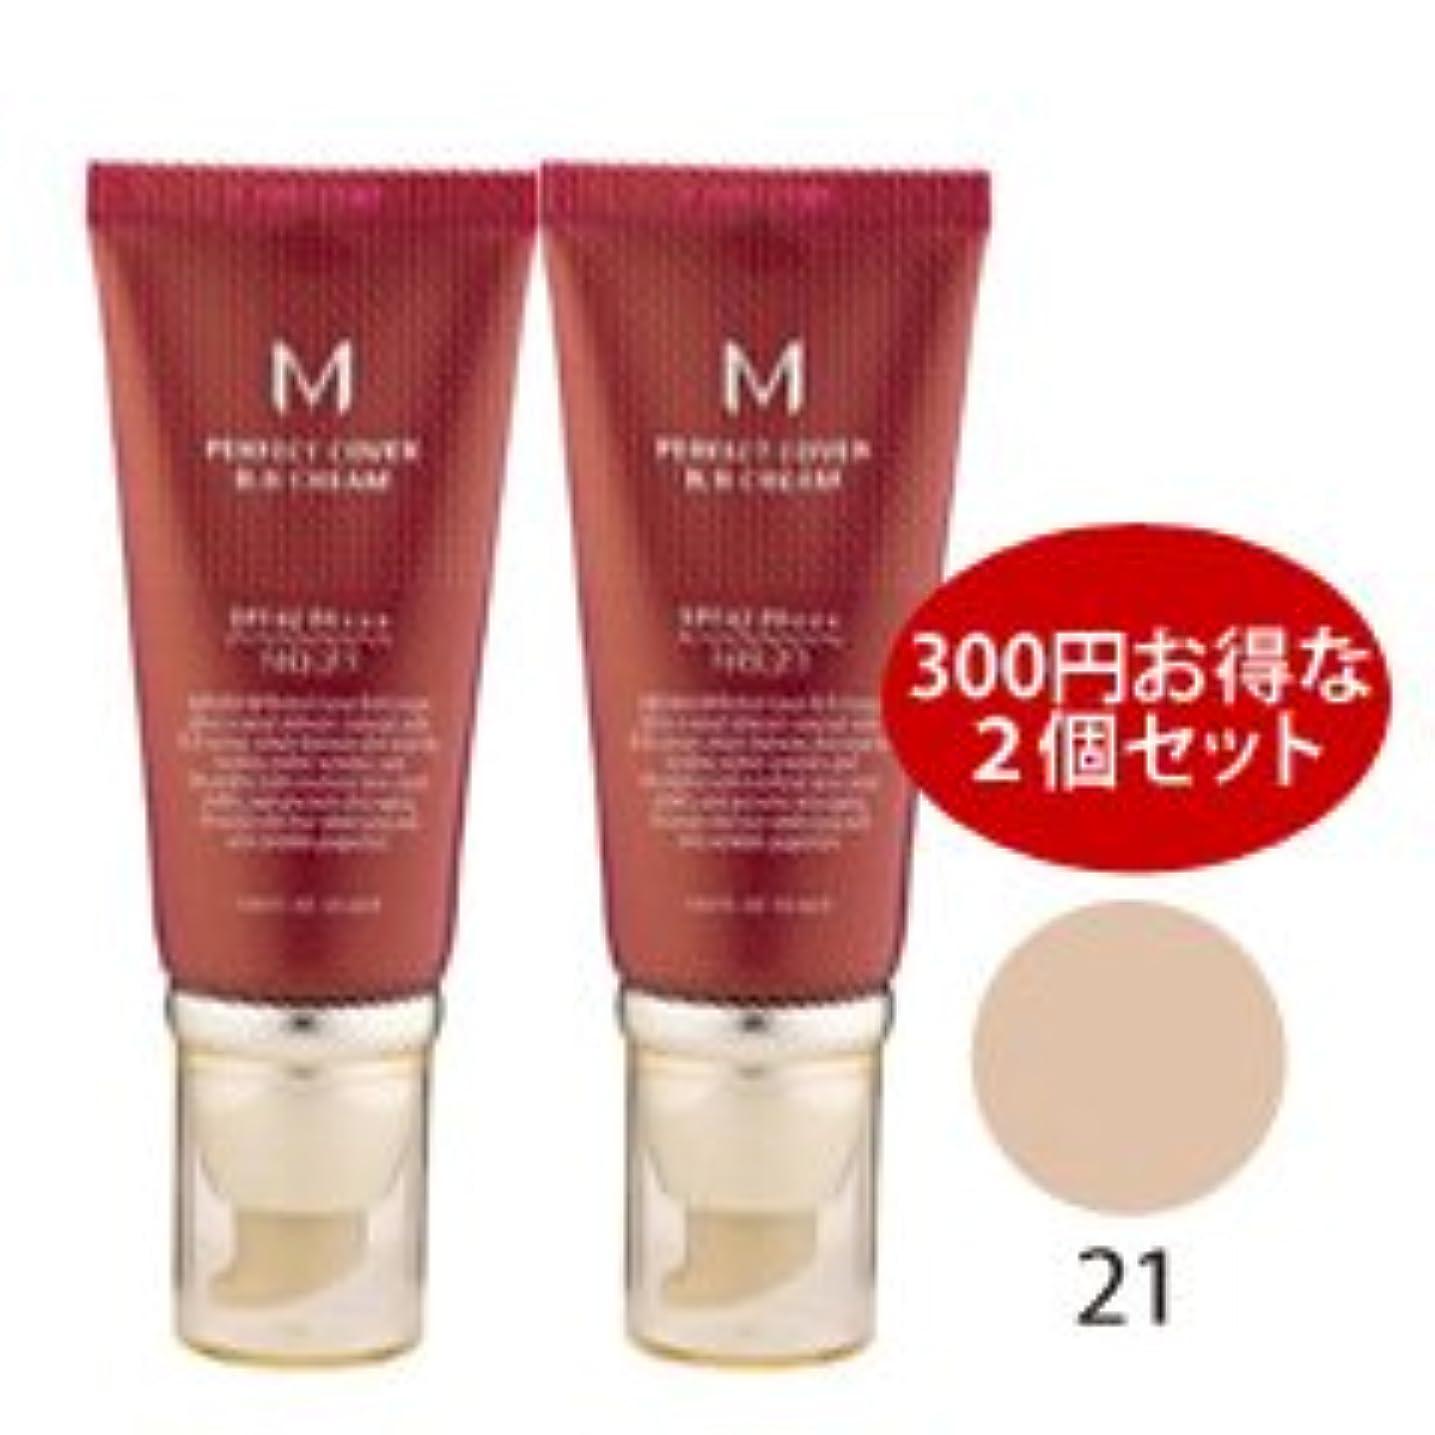 それから王室安全性Missha(ミシャ) ミシャ M BBクリーム UV SPF42/PA+++ #21 50ml×2個セット [並行輸入品][海外直送品]